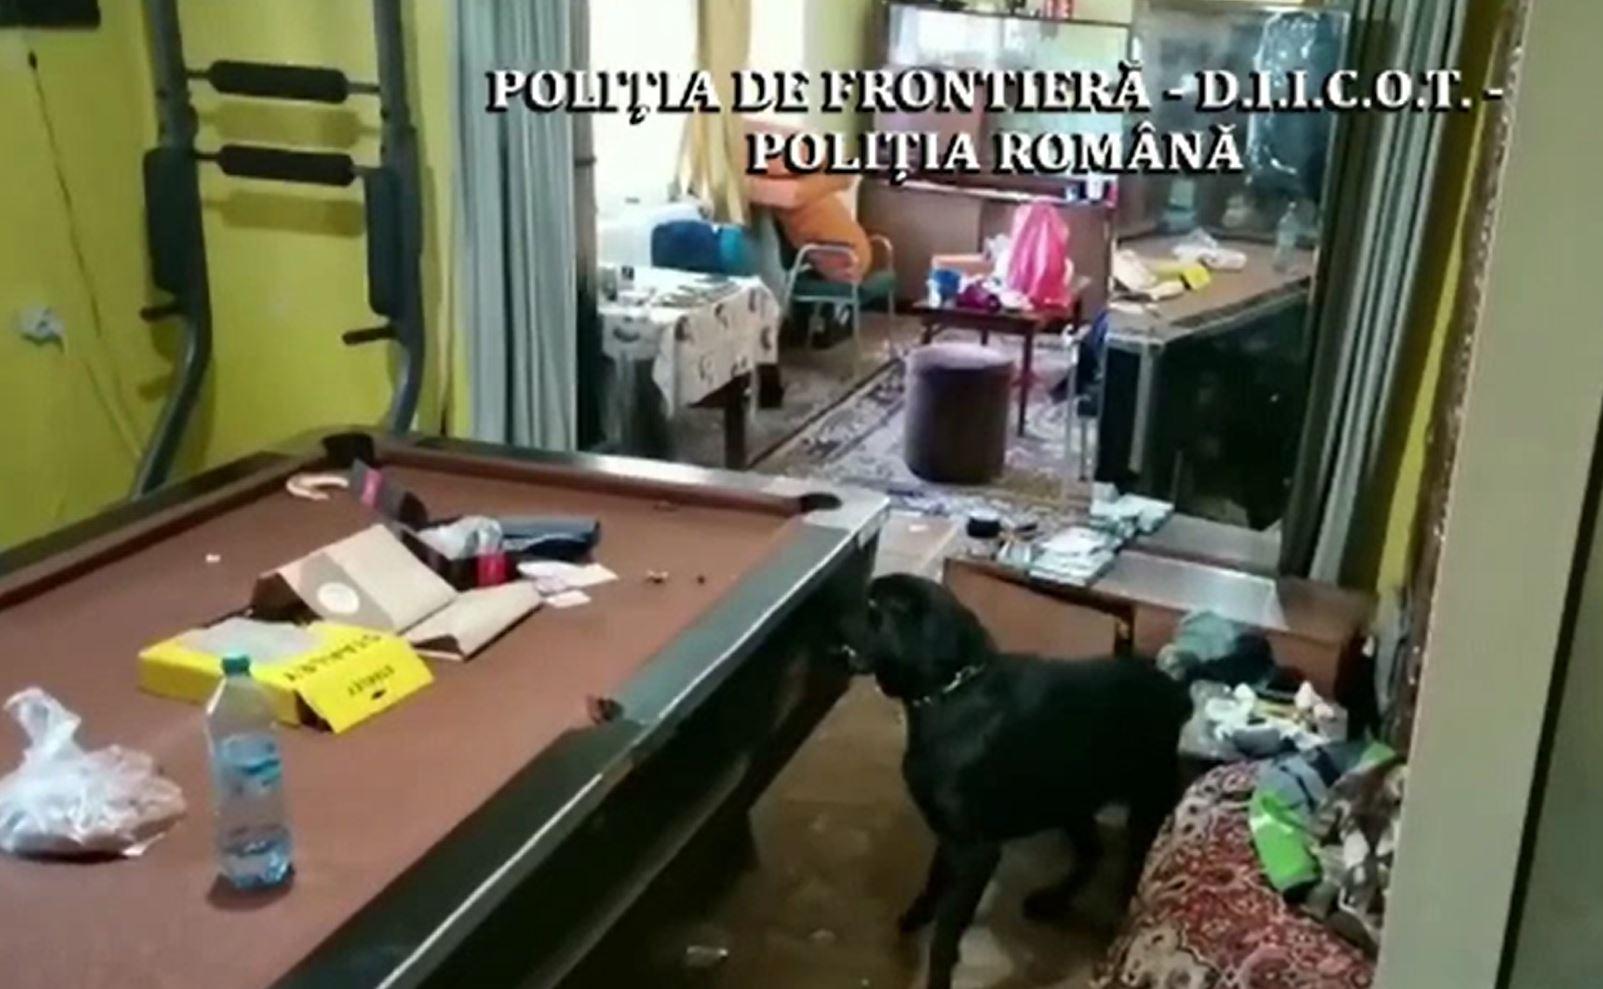 Percheziţii de amploare în Sighetu-Marmaţiei, pentru depistarea traficanților de droguri